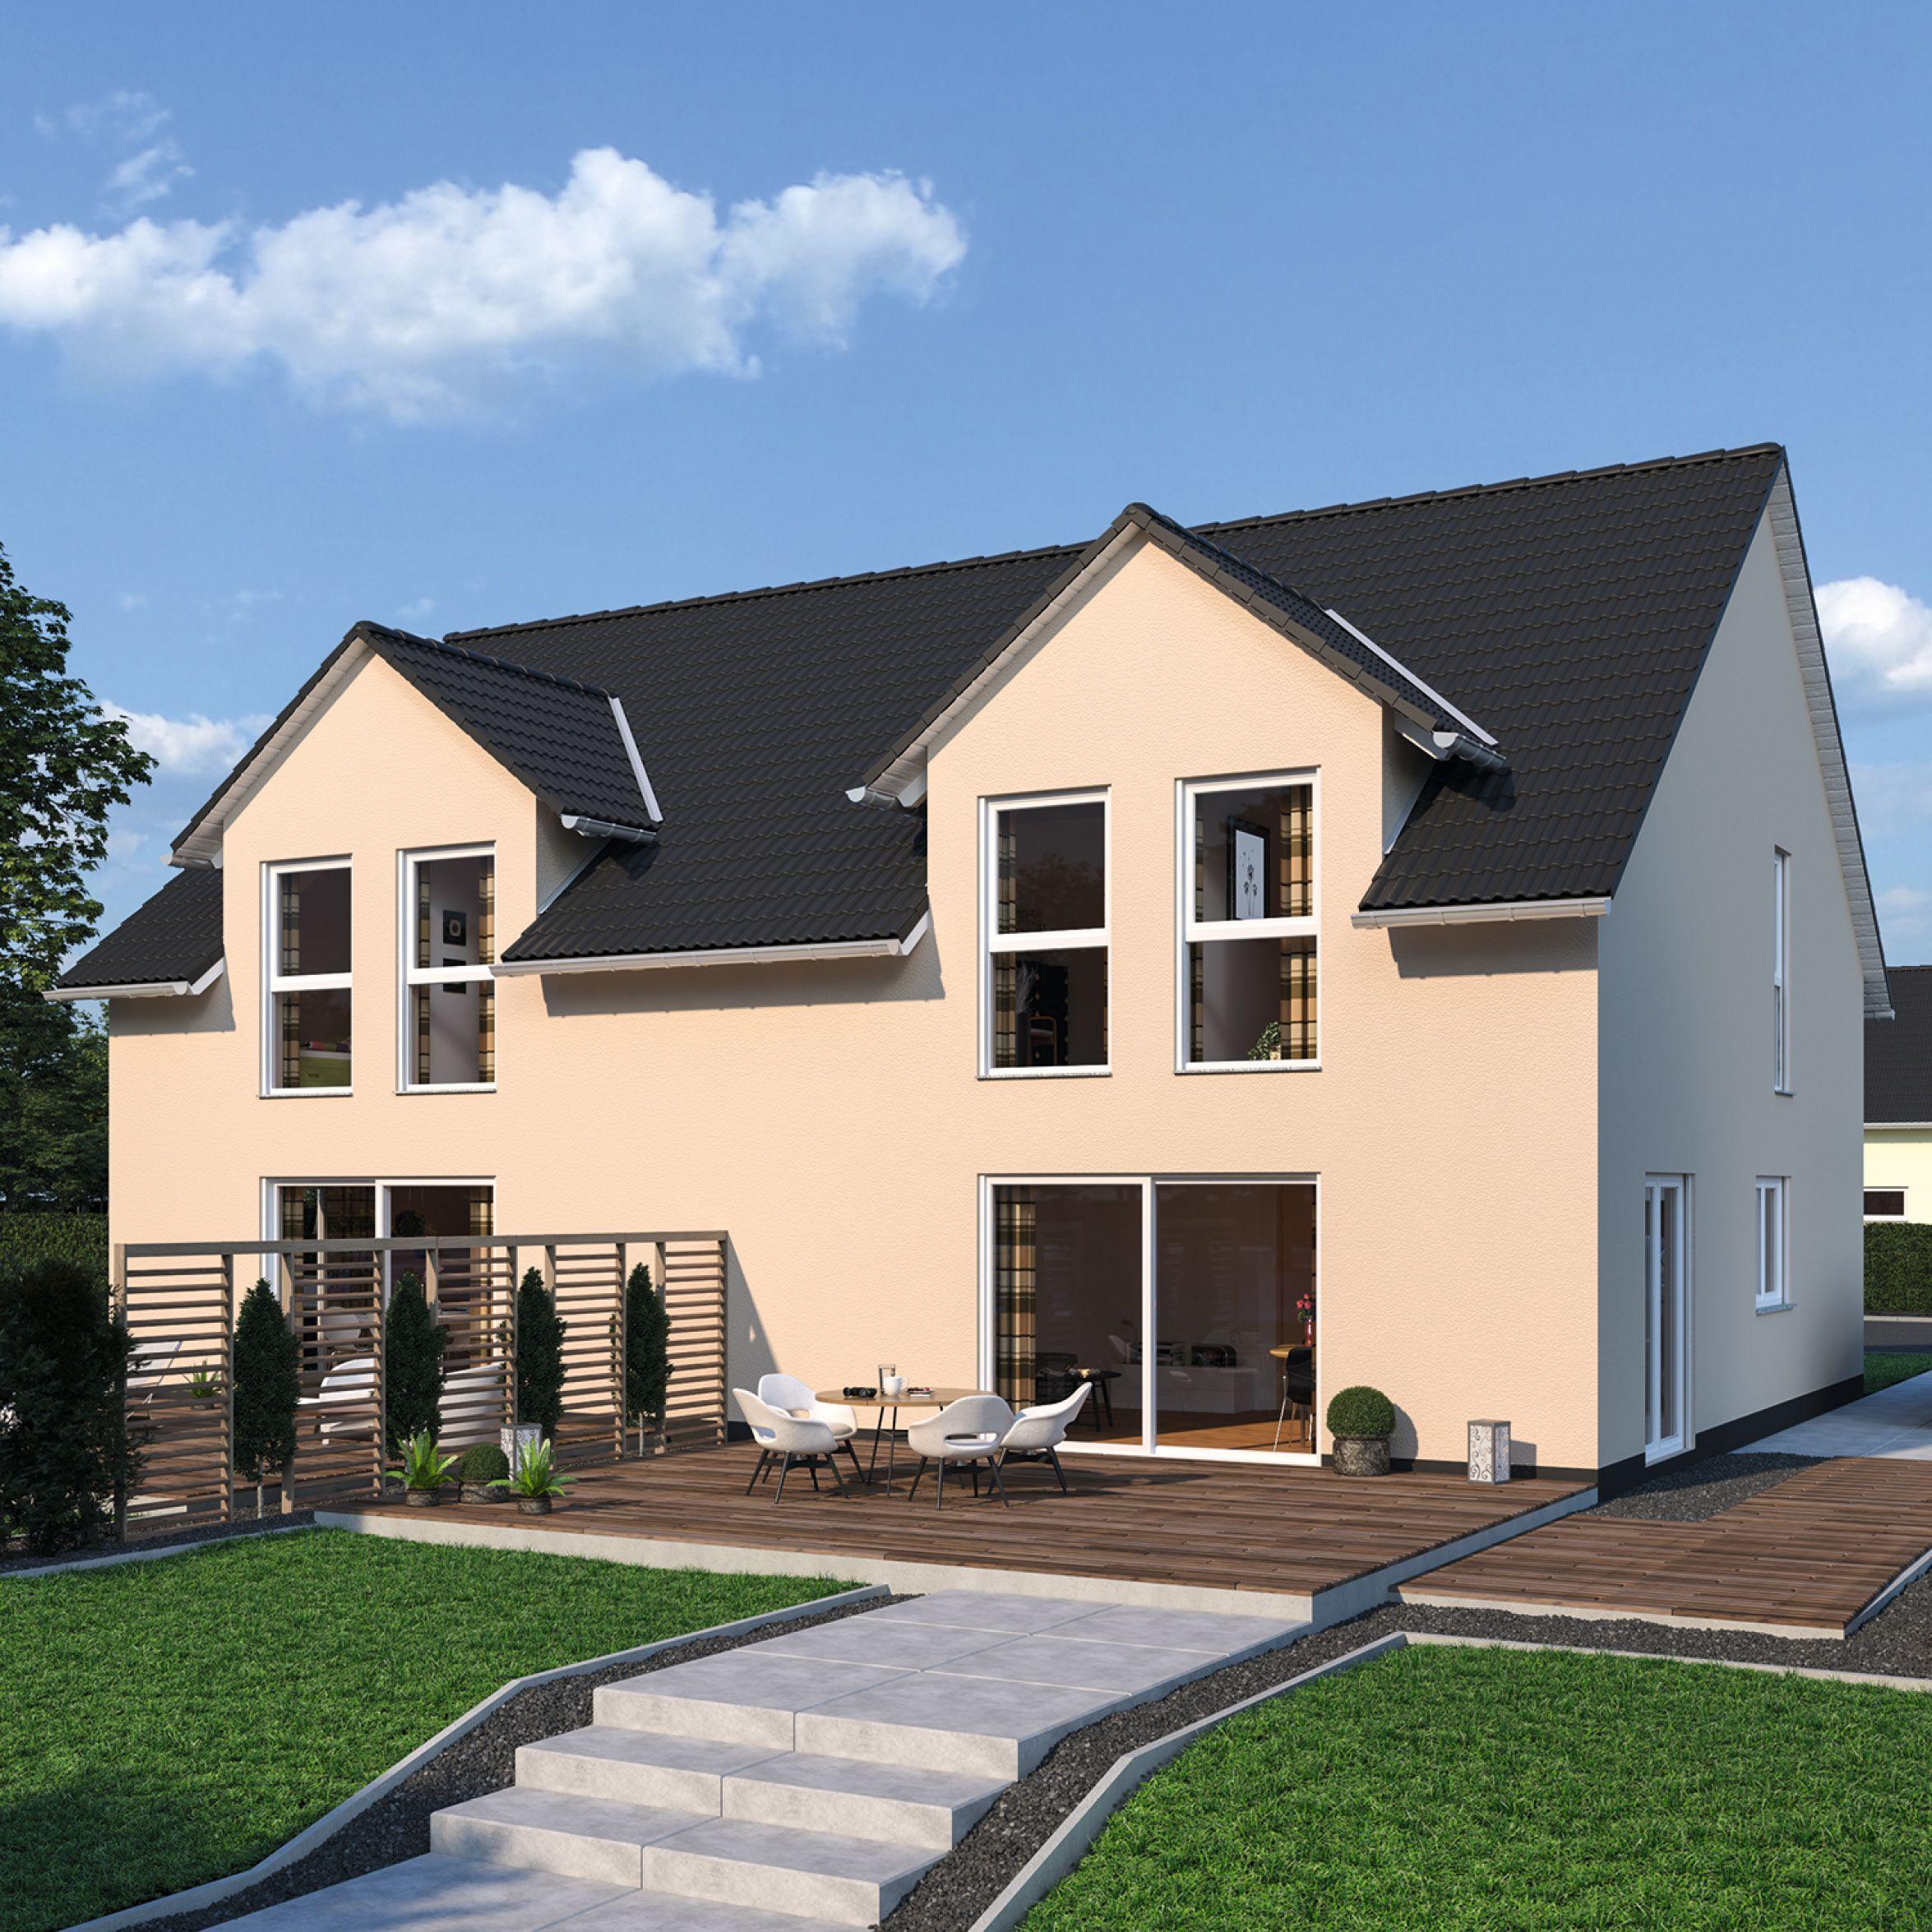 Duplex 111   Schlüsselfertiges Massivhaus #ausbauhaus #schlüsselfertig  #haus #hausbau #bauen #